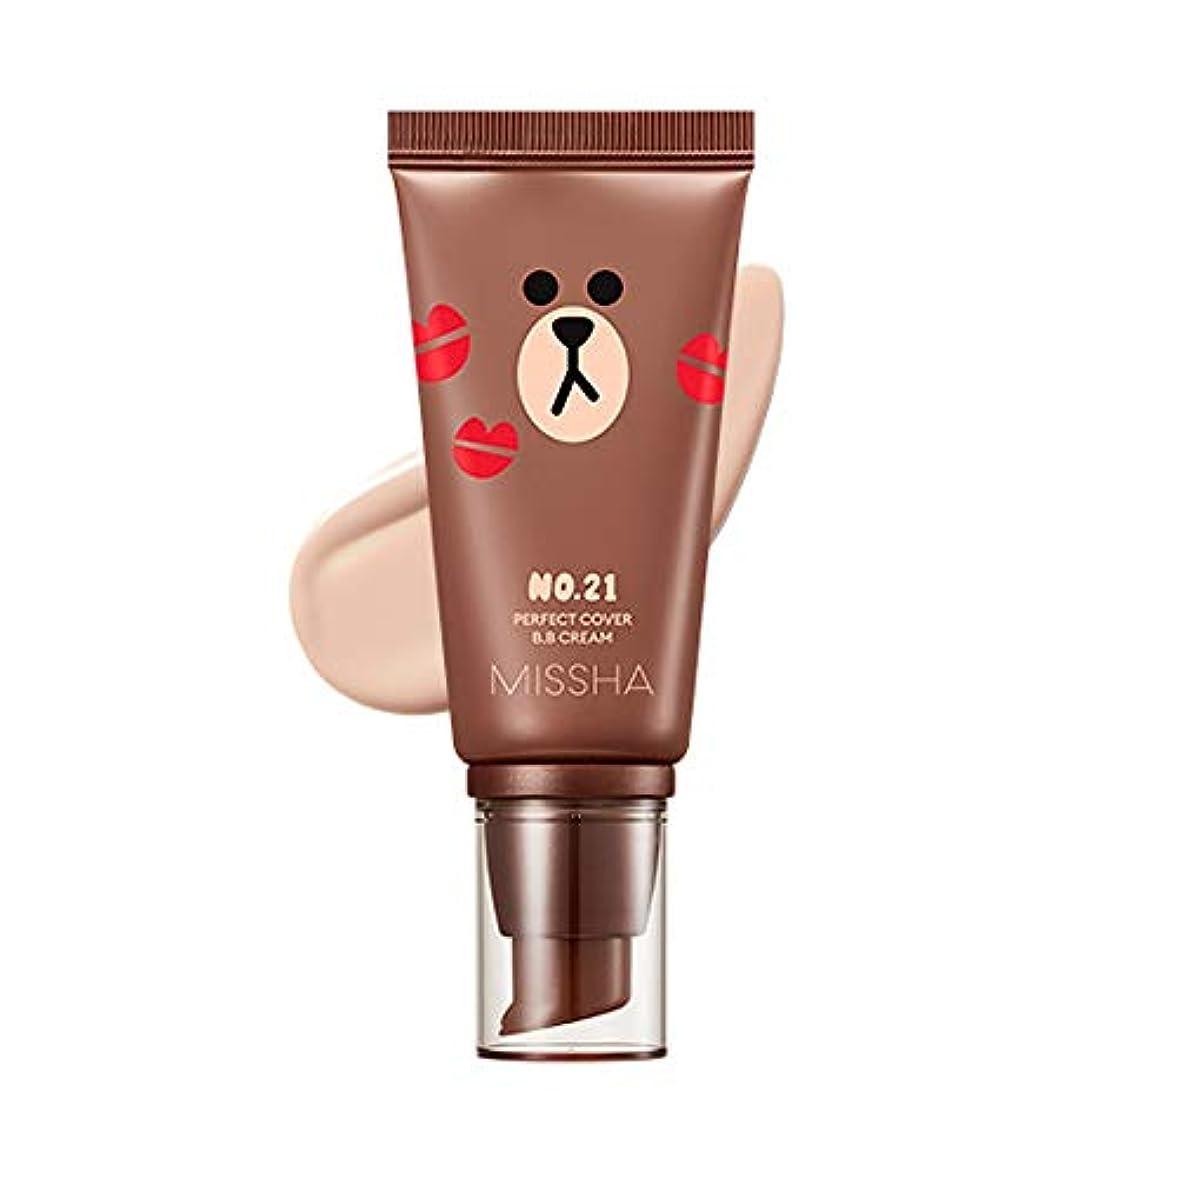 ベーコン時代価値のないMissha M Perfect Cover BB Cream SPF42 PA+++ [Line Friends Edition] ミシャ(ラインフレンズ)MパーフェクトカバーB.Bクリーム (#21 Light Beige) [並行輸入品]